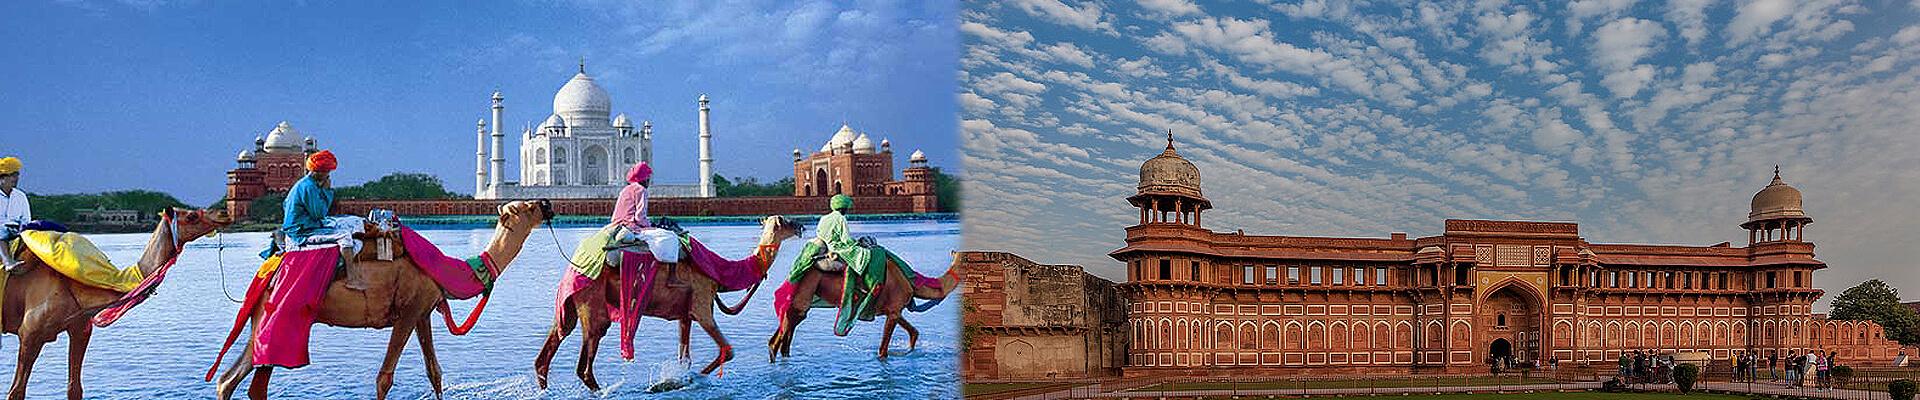 About Delhi Agra Tour